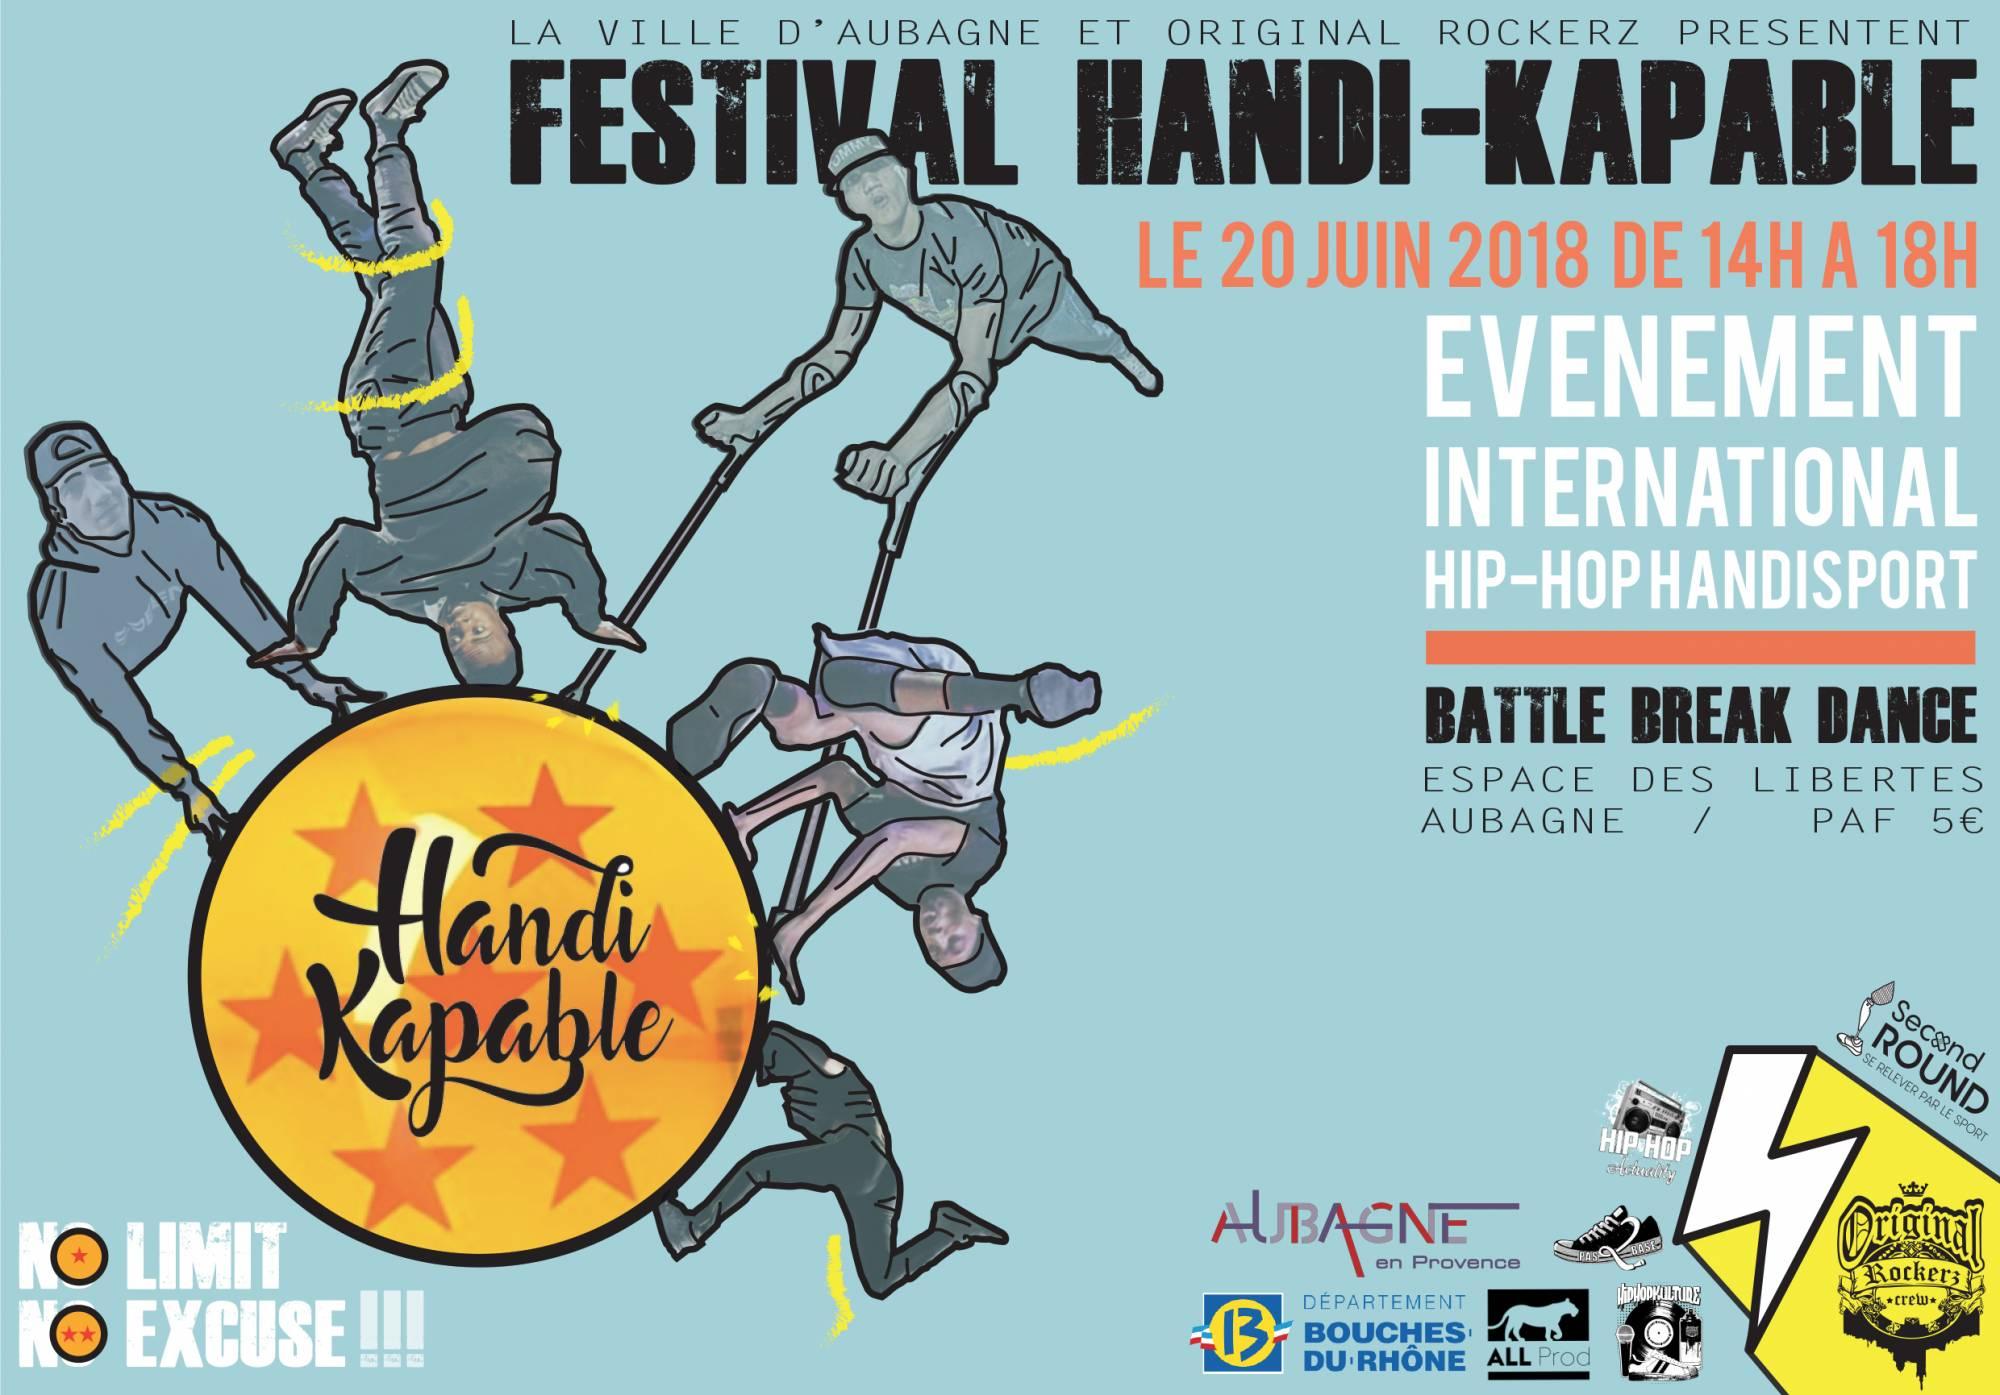 HANDI-KAPABLE CHAMPIONNAT - 20 Juin 2018 à 14H00 - Espaces des Libertés - Aubagne